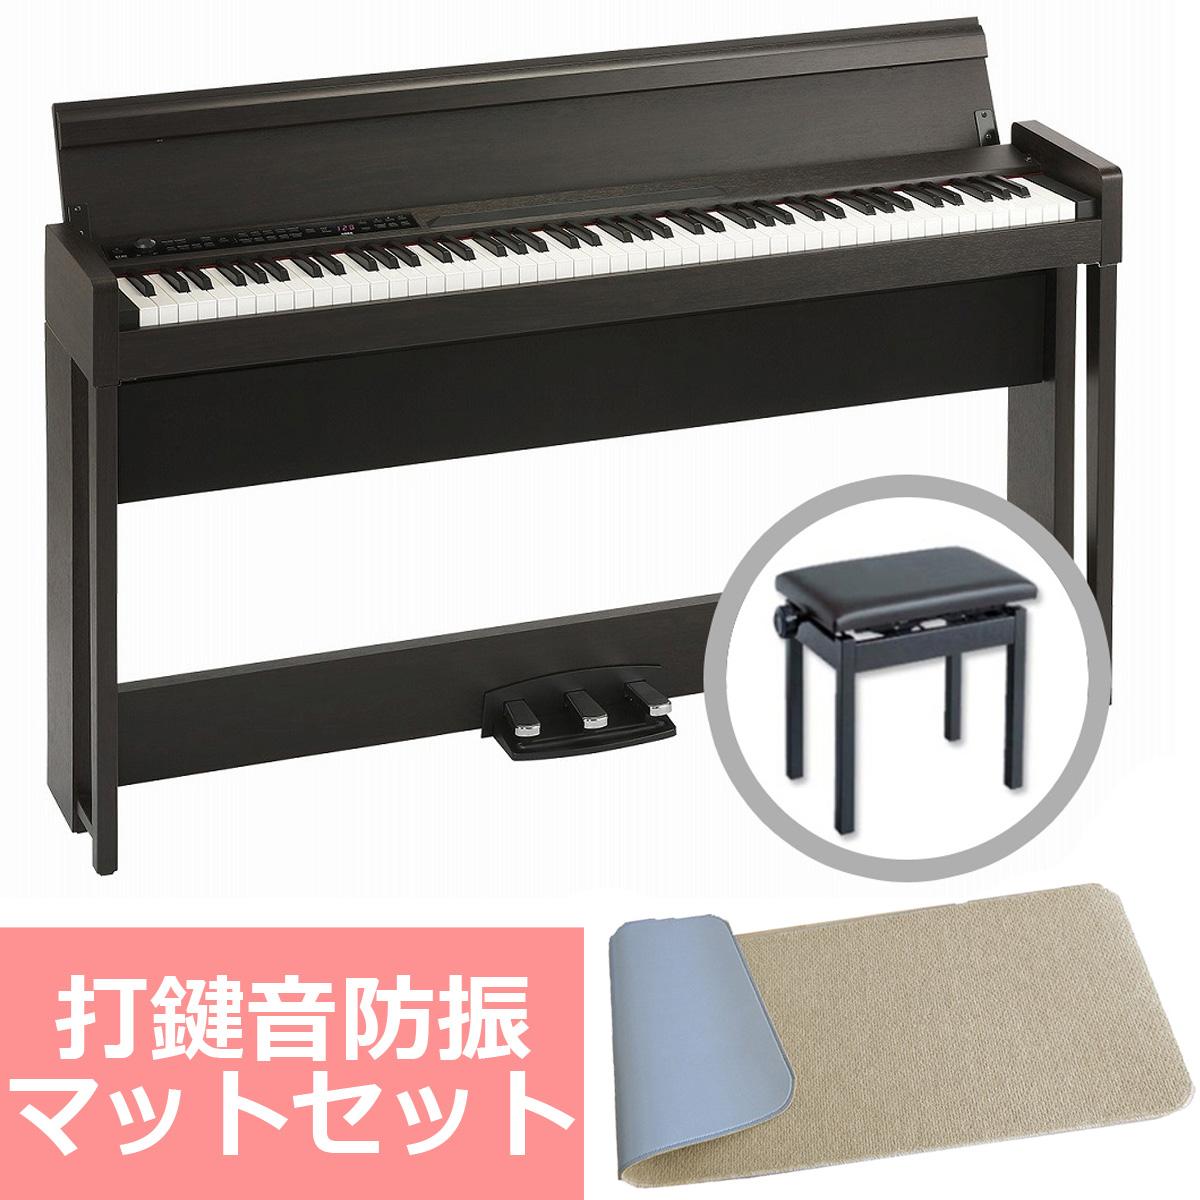 《予約注文/納期未定:別途ご案内》KORG コルグ / C1 Air BR (ブラウン) 【防振マットセット!】デジタル・ピアノ【PNG】《お手入れセットプレゼント:681018000+671044200》